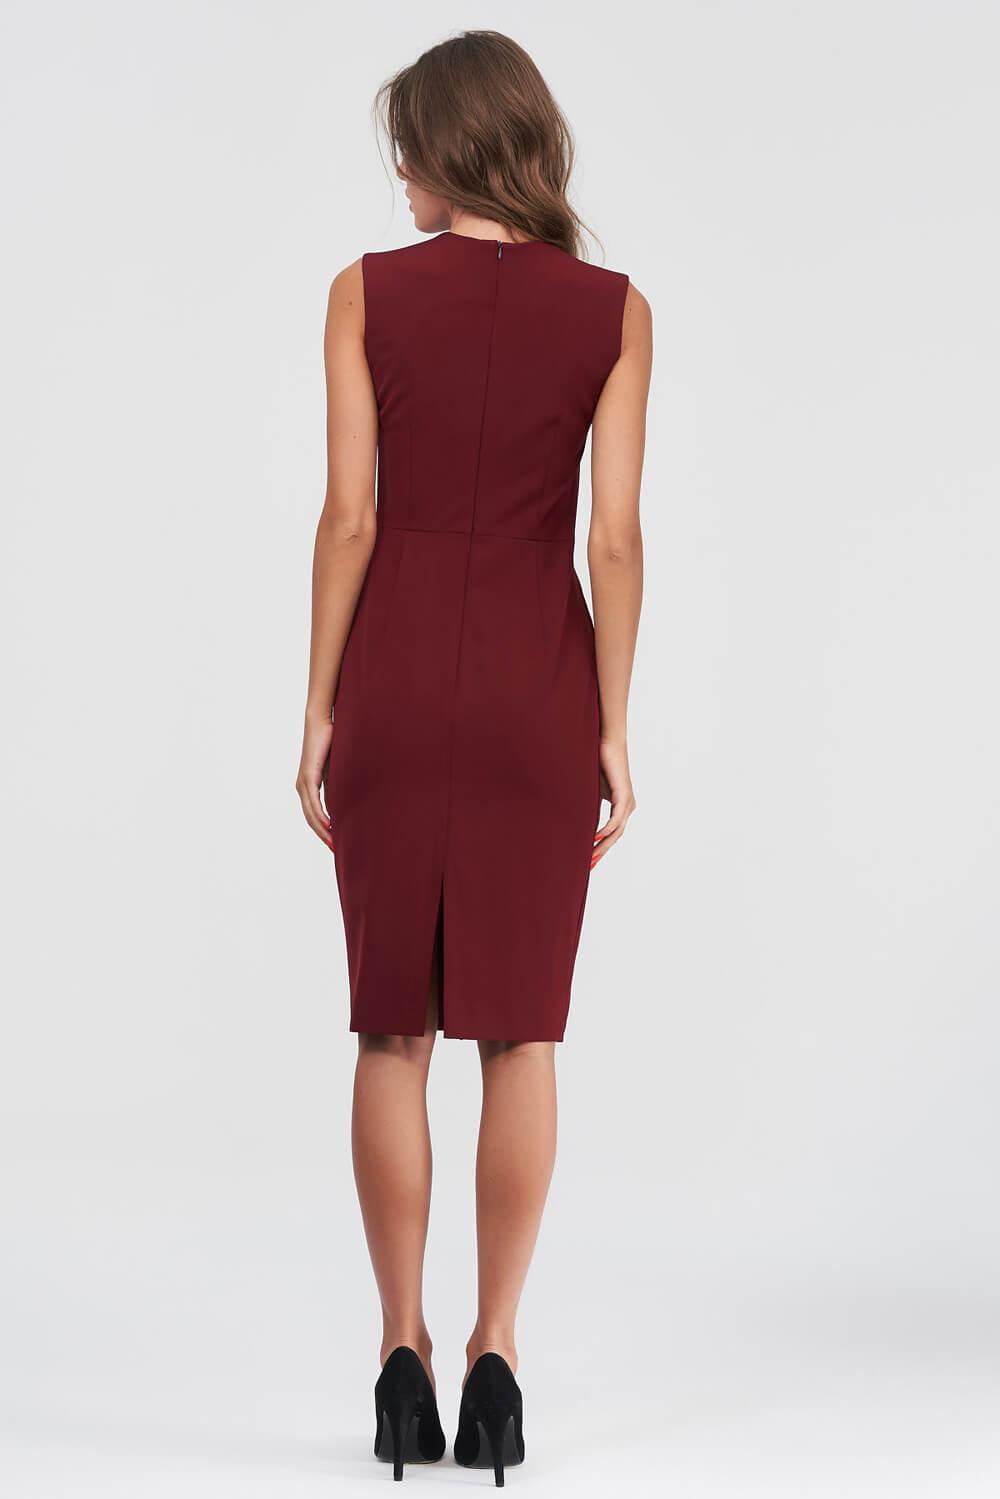 Платье женские Natali Bolgar модель 19062KR155 , 2017